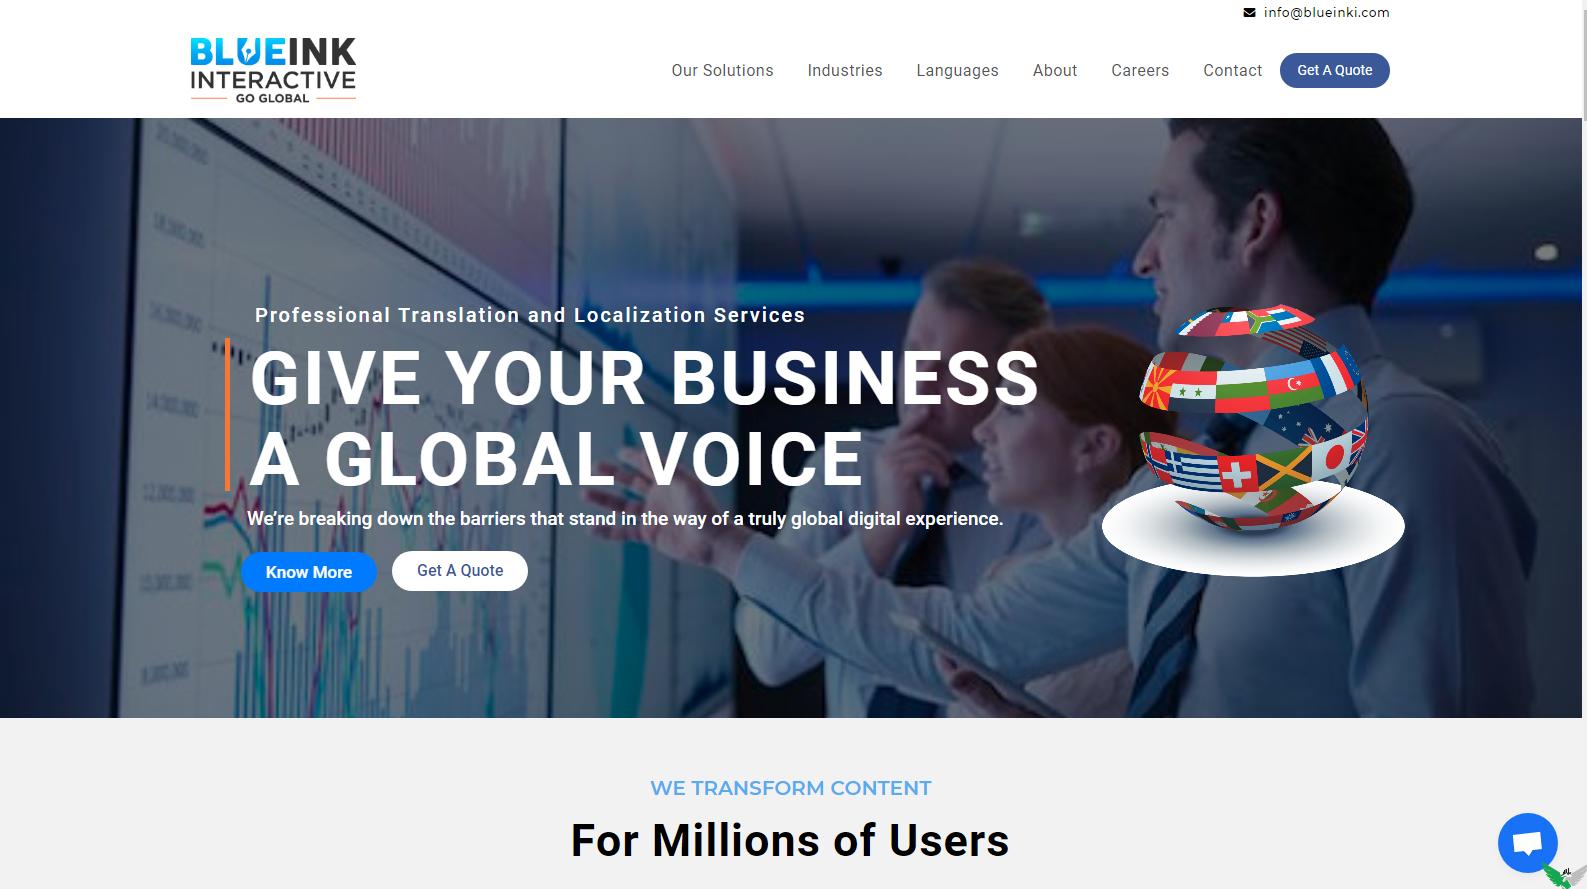 blueink interactive solution website design